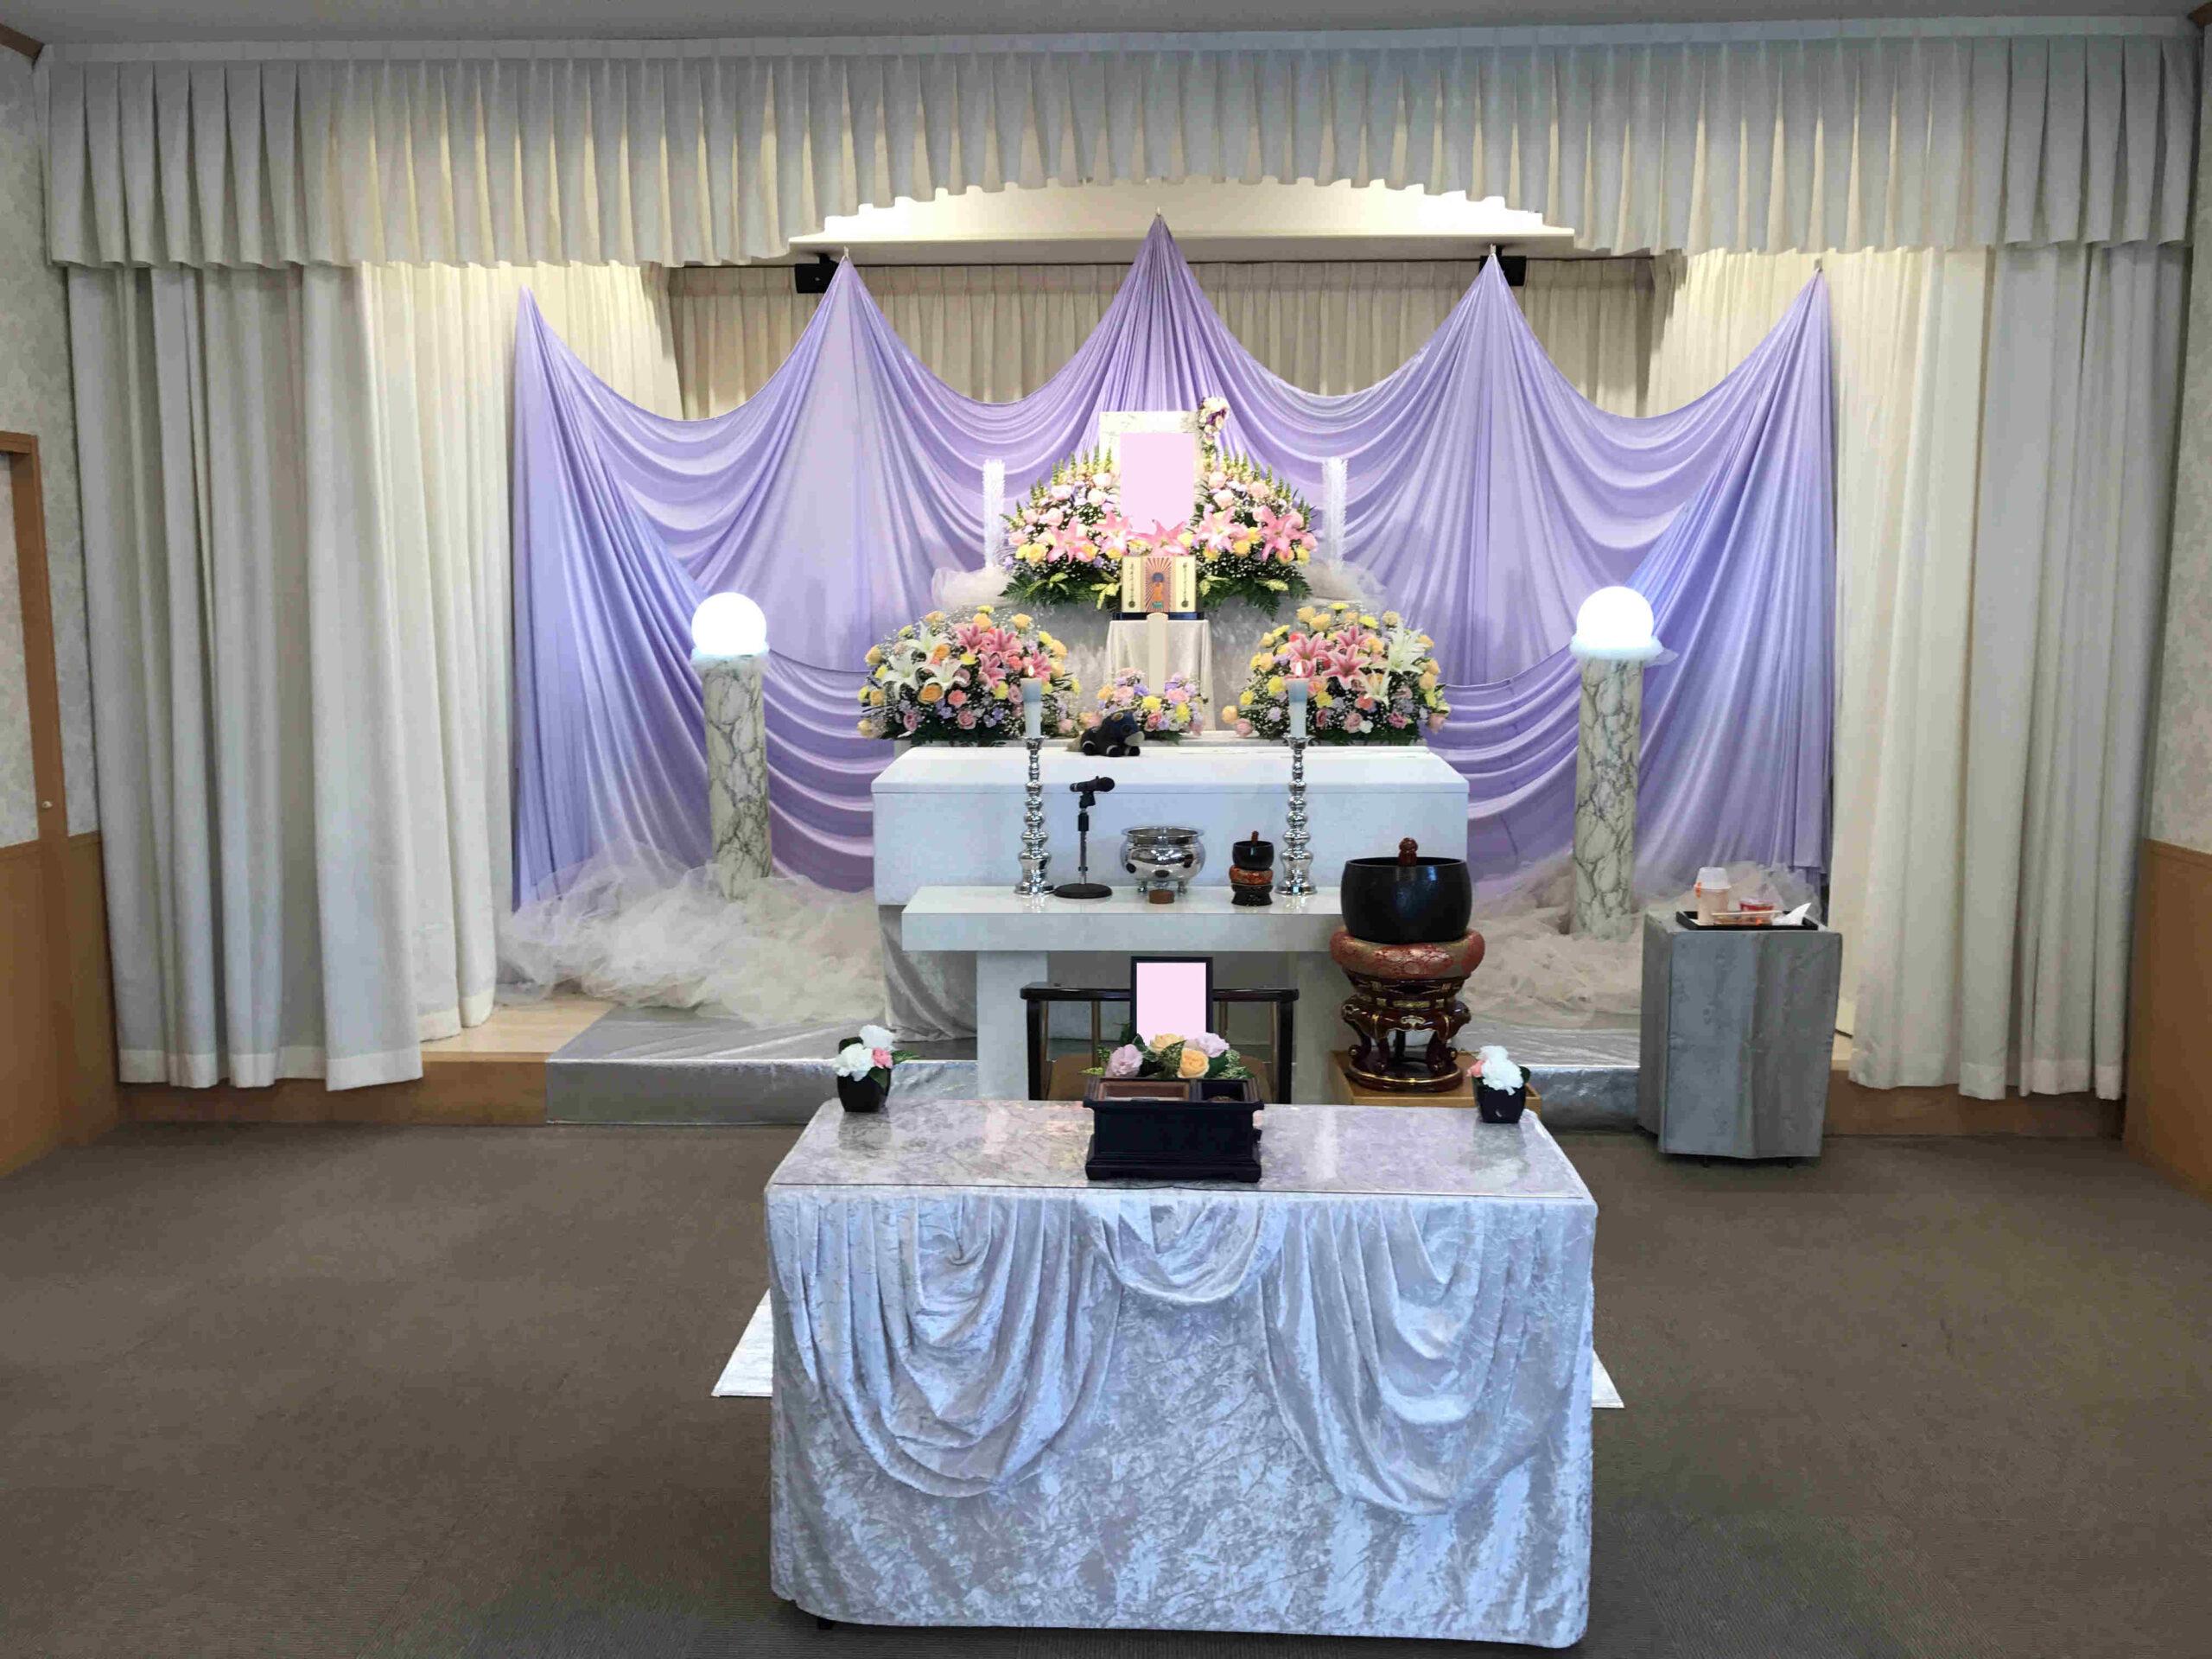 小平サポートセンター花祭壇施行例